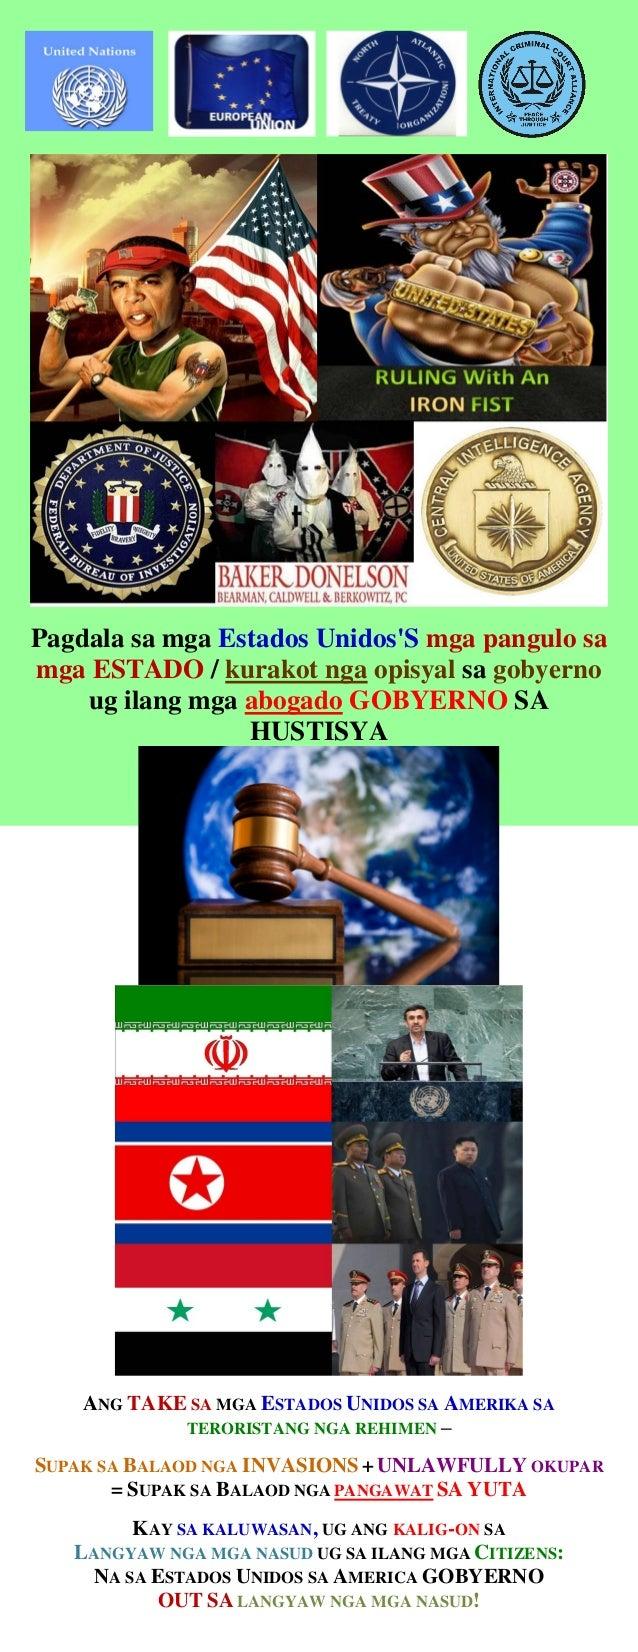 Pagdala sa mga Estados Unidos'S mga pangulo sa mga ESTADO / kurakot nga opisyal sa gobyerno ug ilang mga abogado GOBYERNO ...